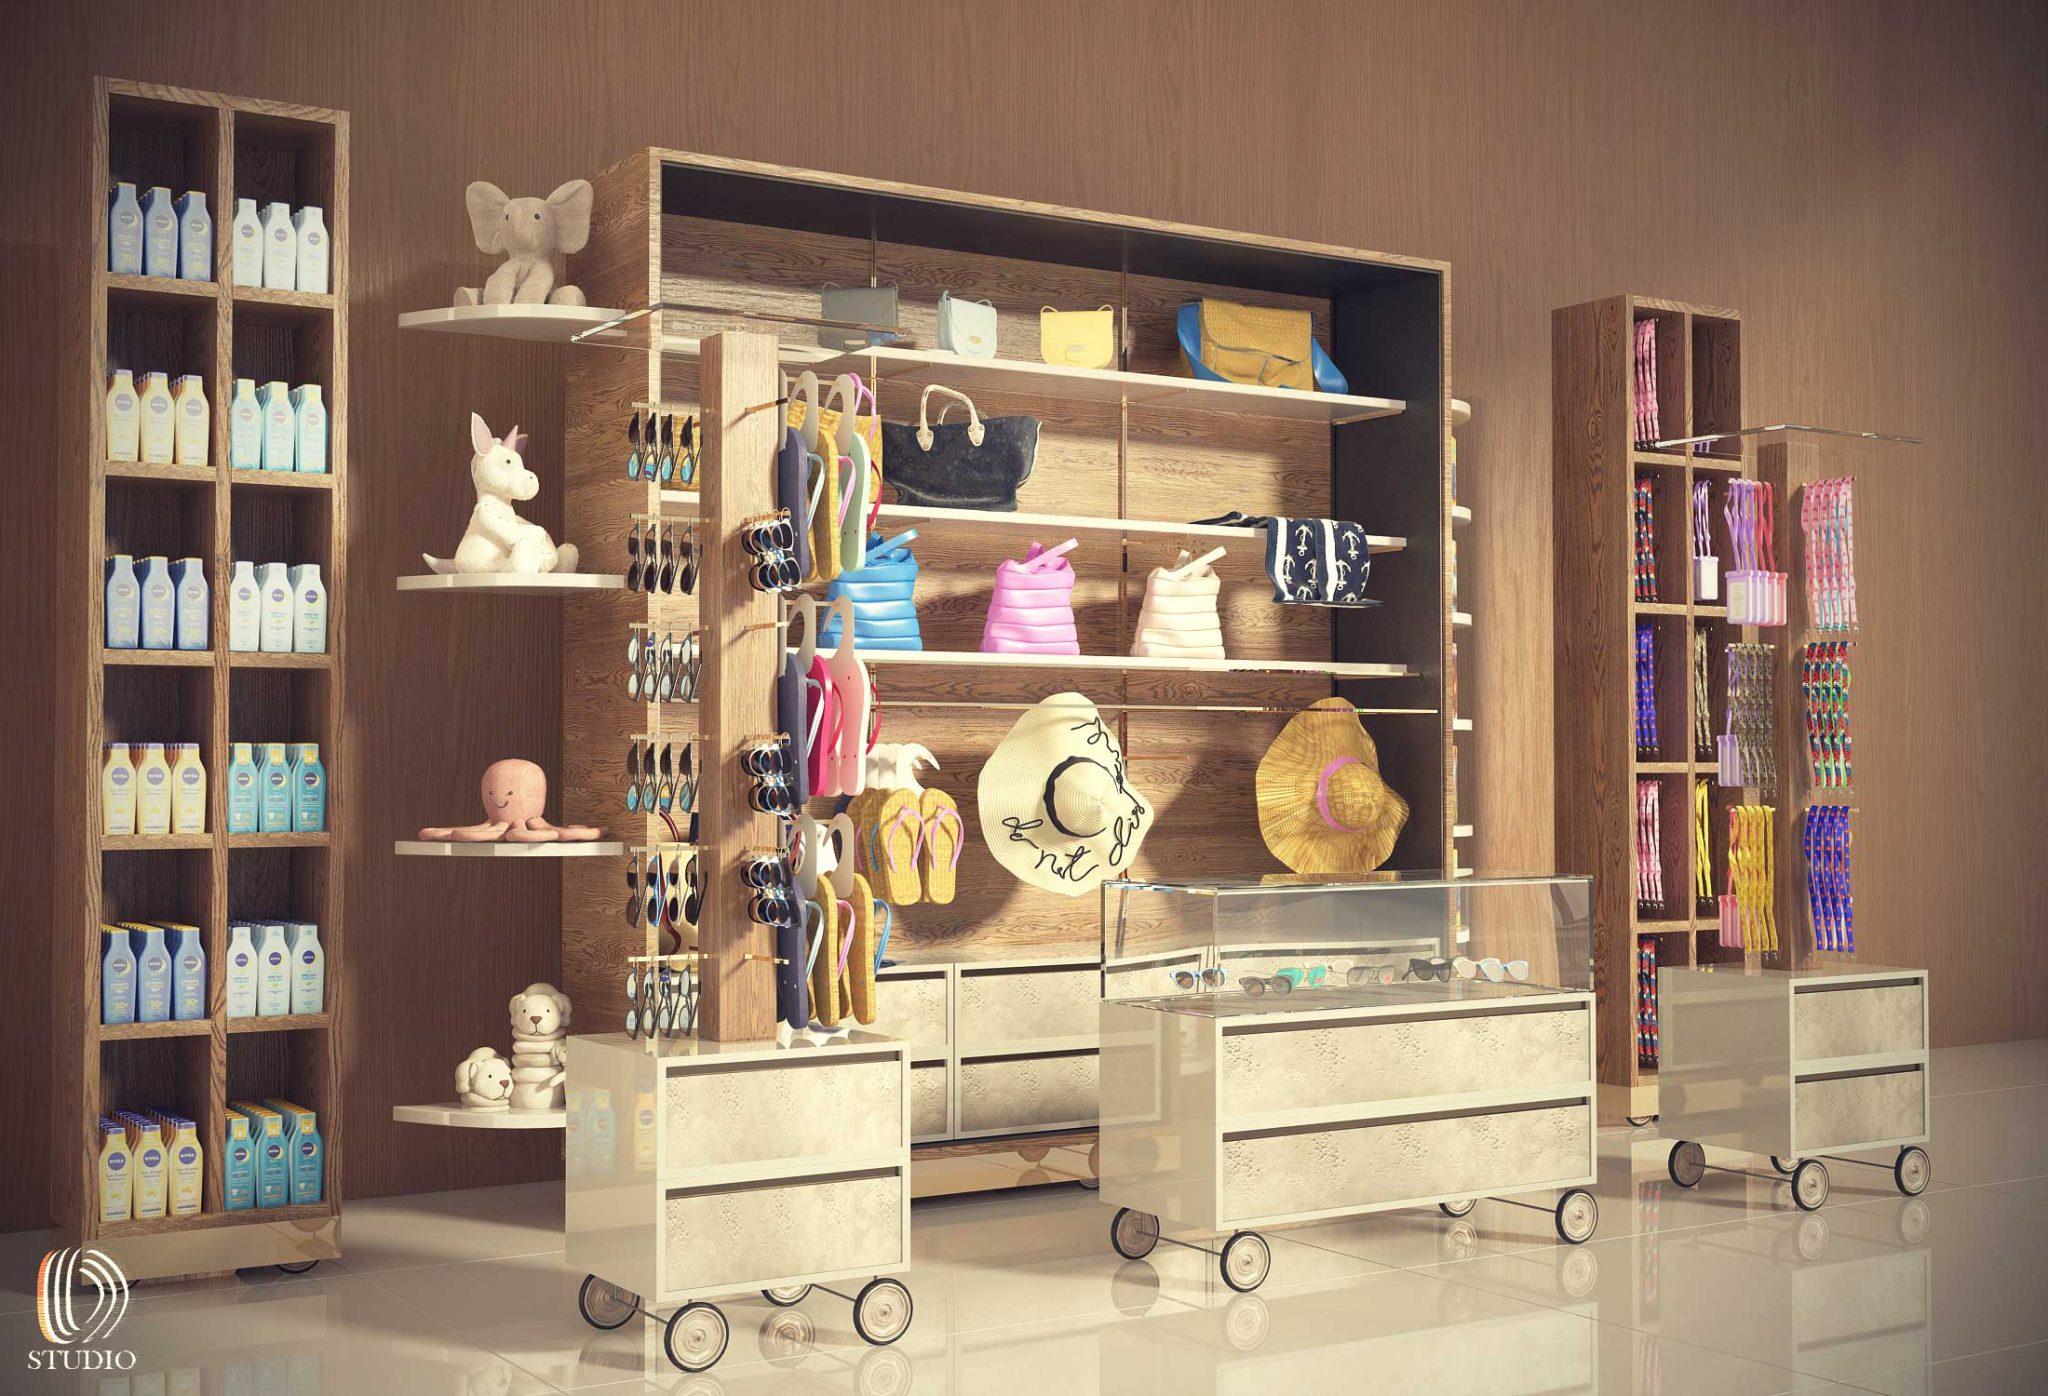 877-Retail-Kiosk-Design01